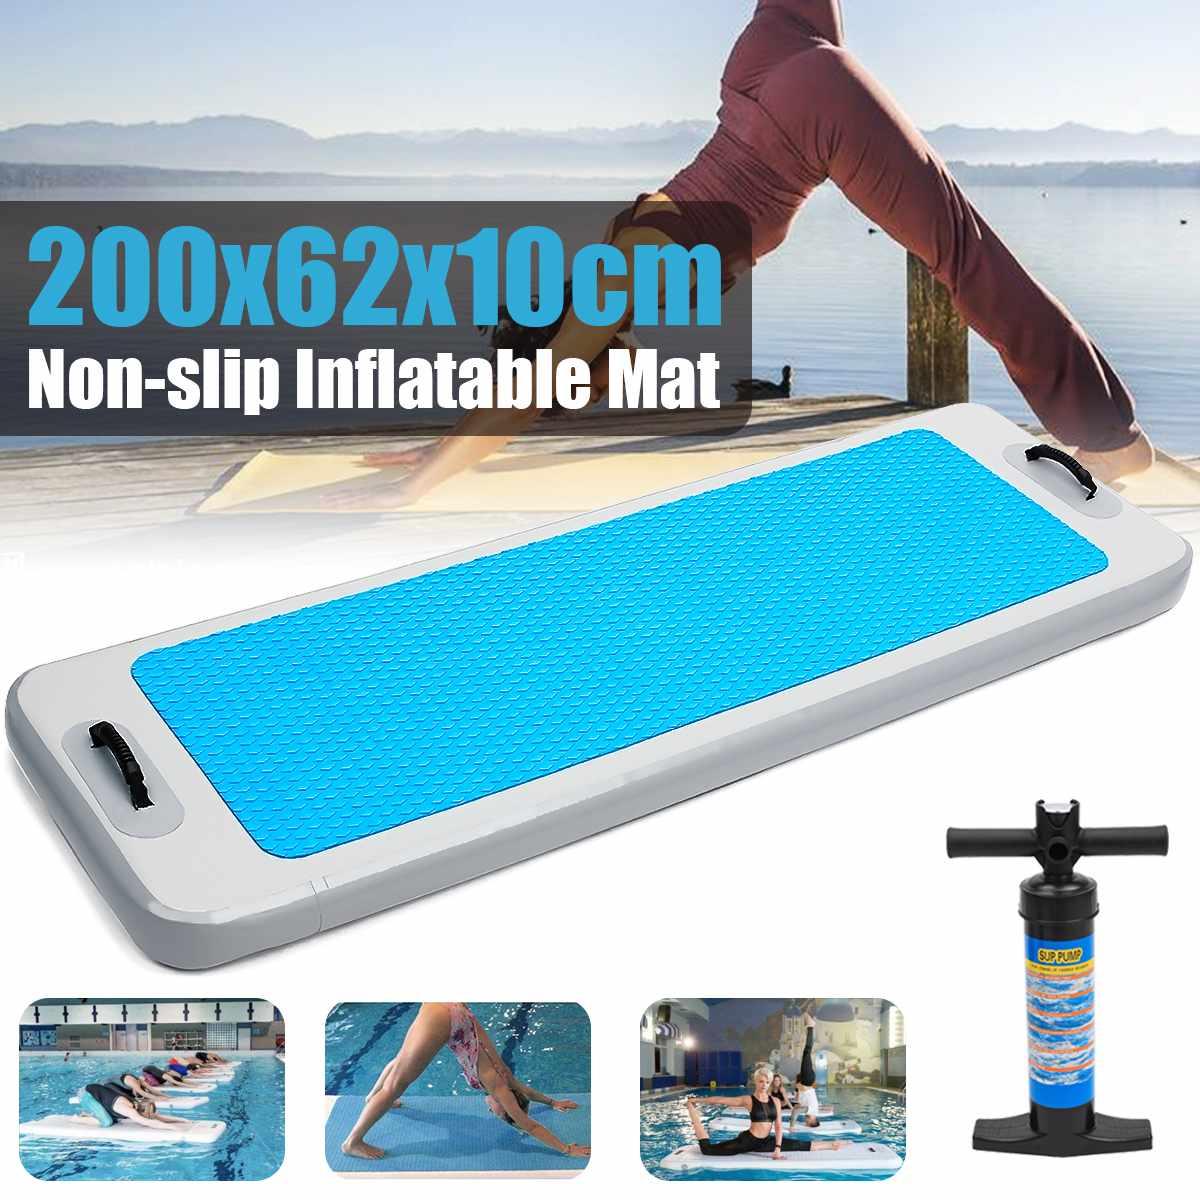 2x0,62x0,1 м Airtrack плавающий йога коврики гимнастические перчатки Открытый Водные виды спорта коврики надувной мат